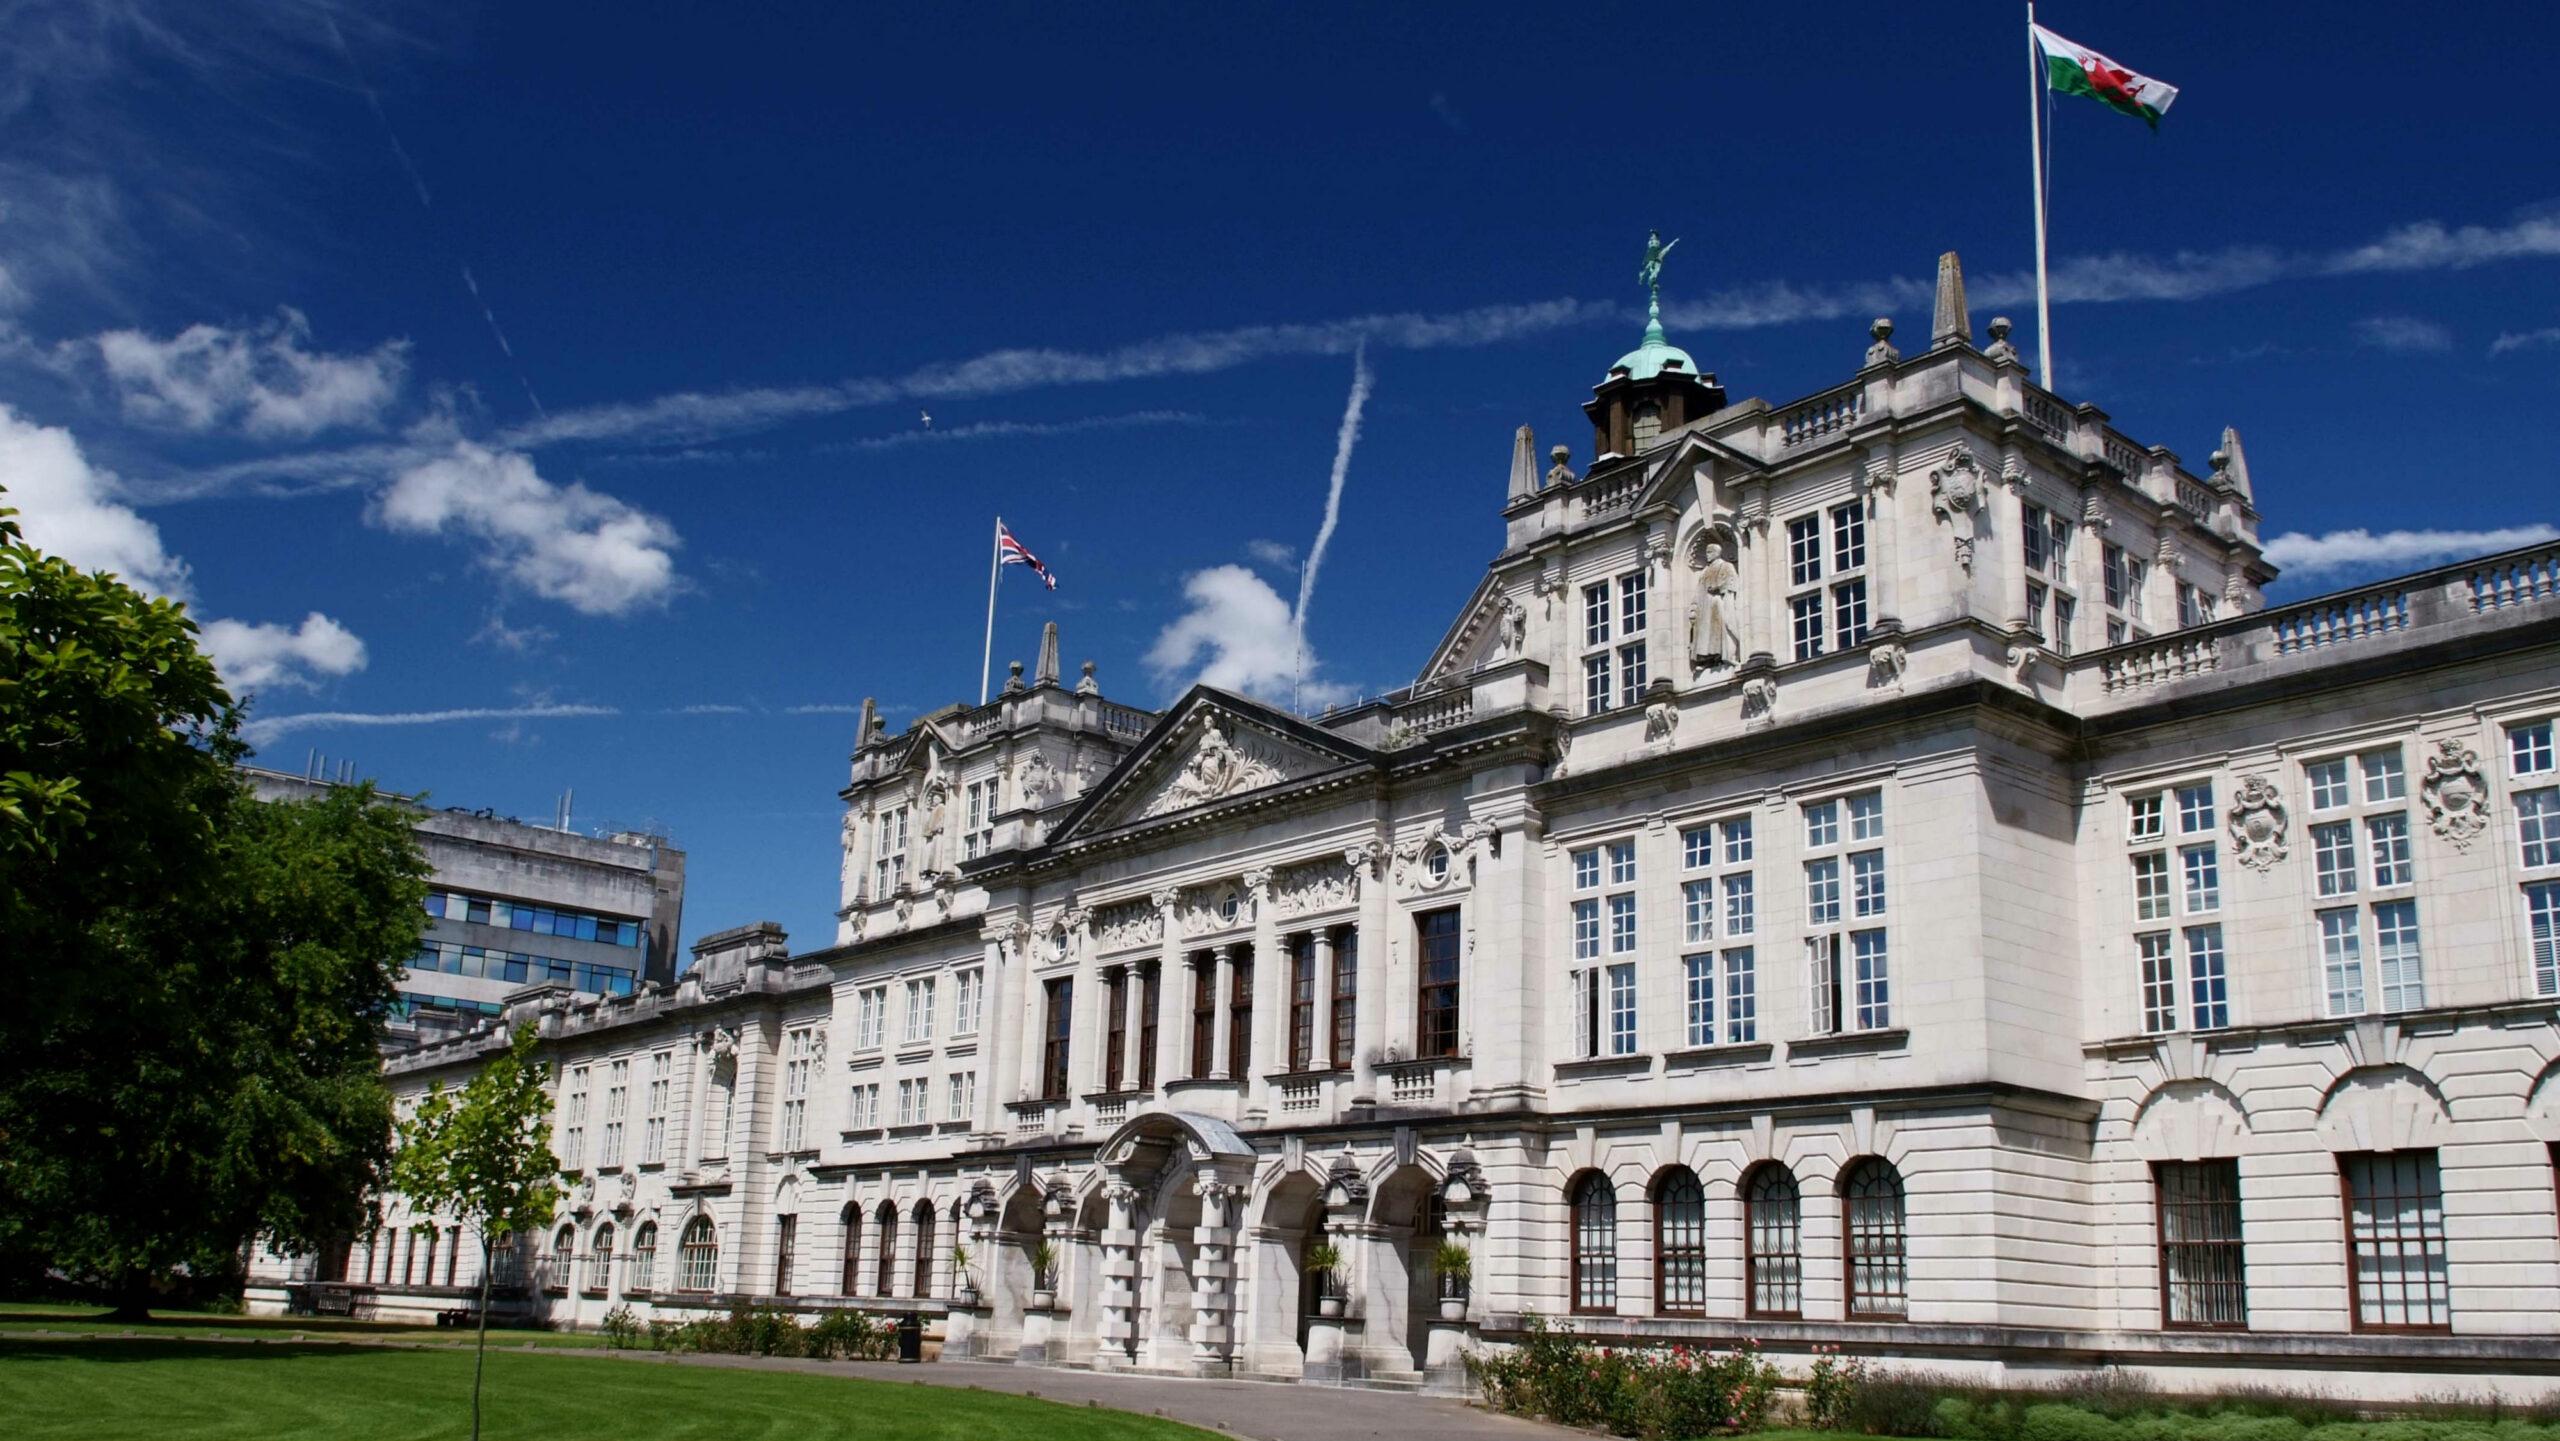 Cardiff University campus